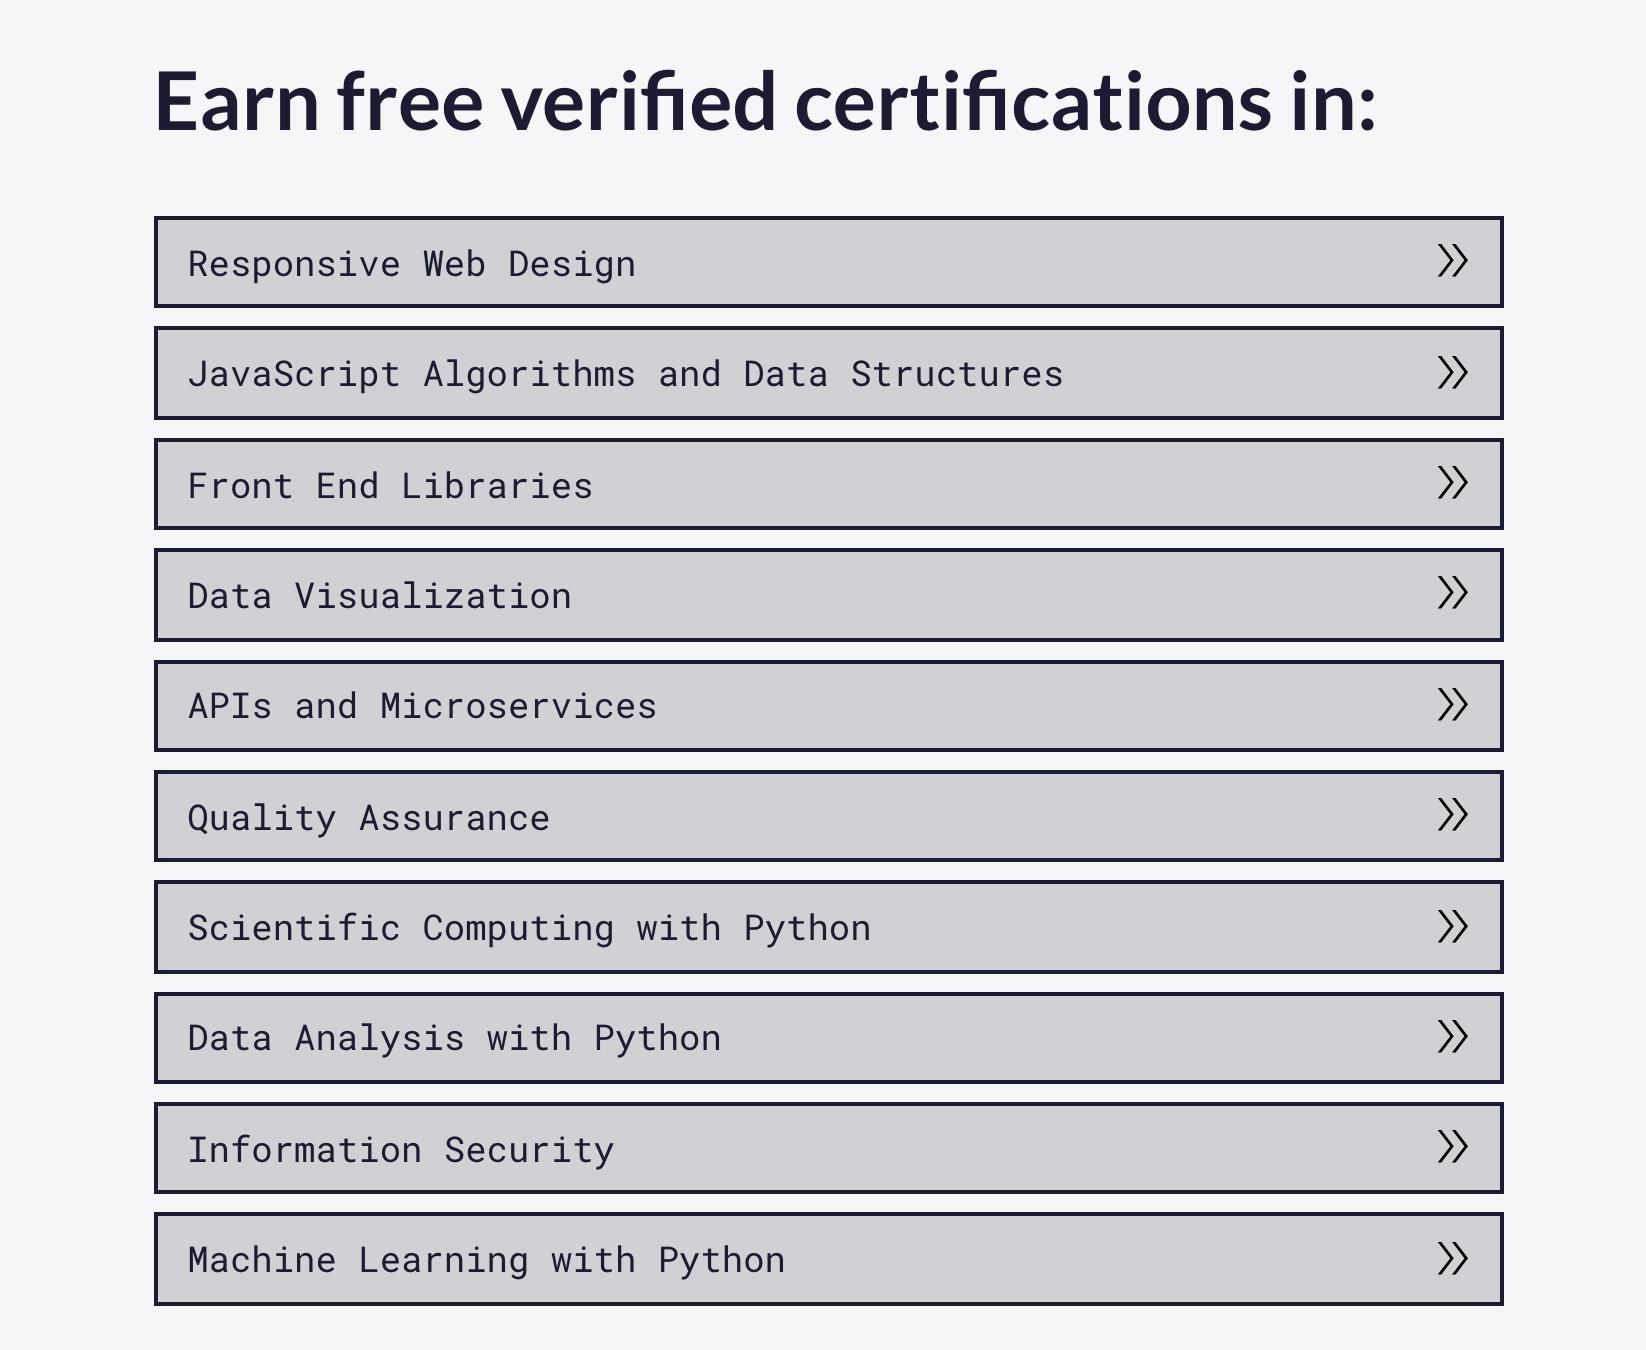 freecodecamp là gì